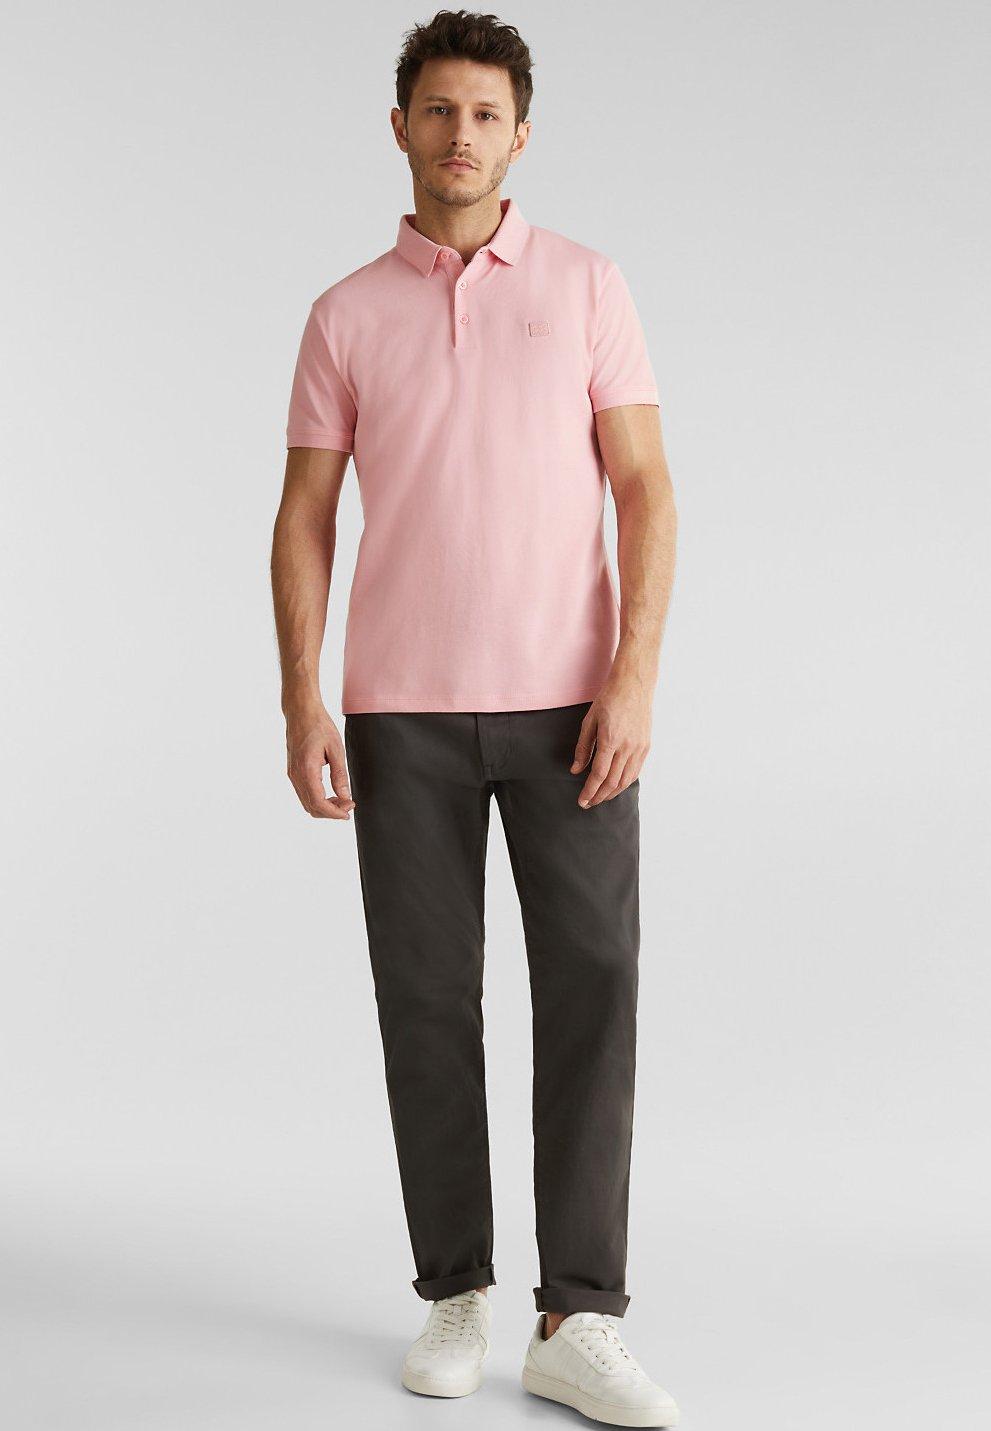 Esprit Piké - light pink